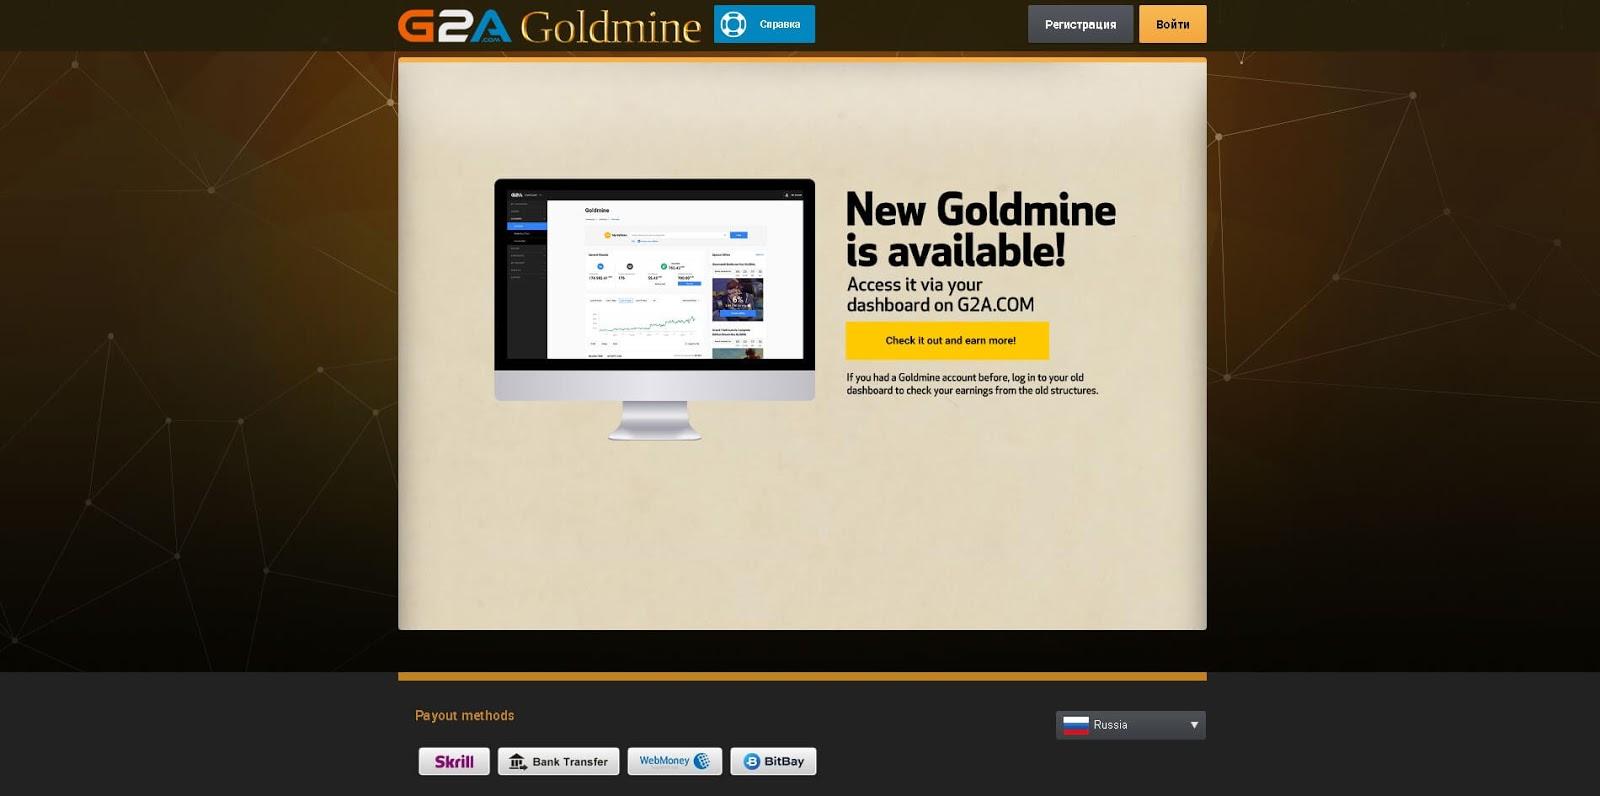 kak-zarabatyvat-na-igrovom-bloge-partnerskaya-programma-g2a-goldmine